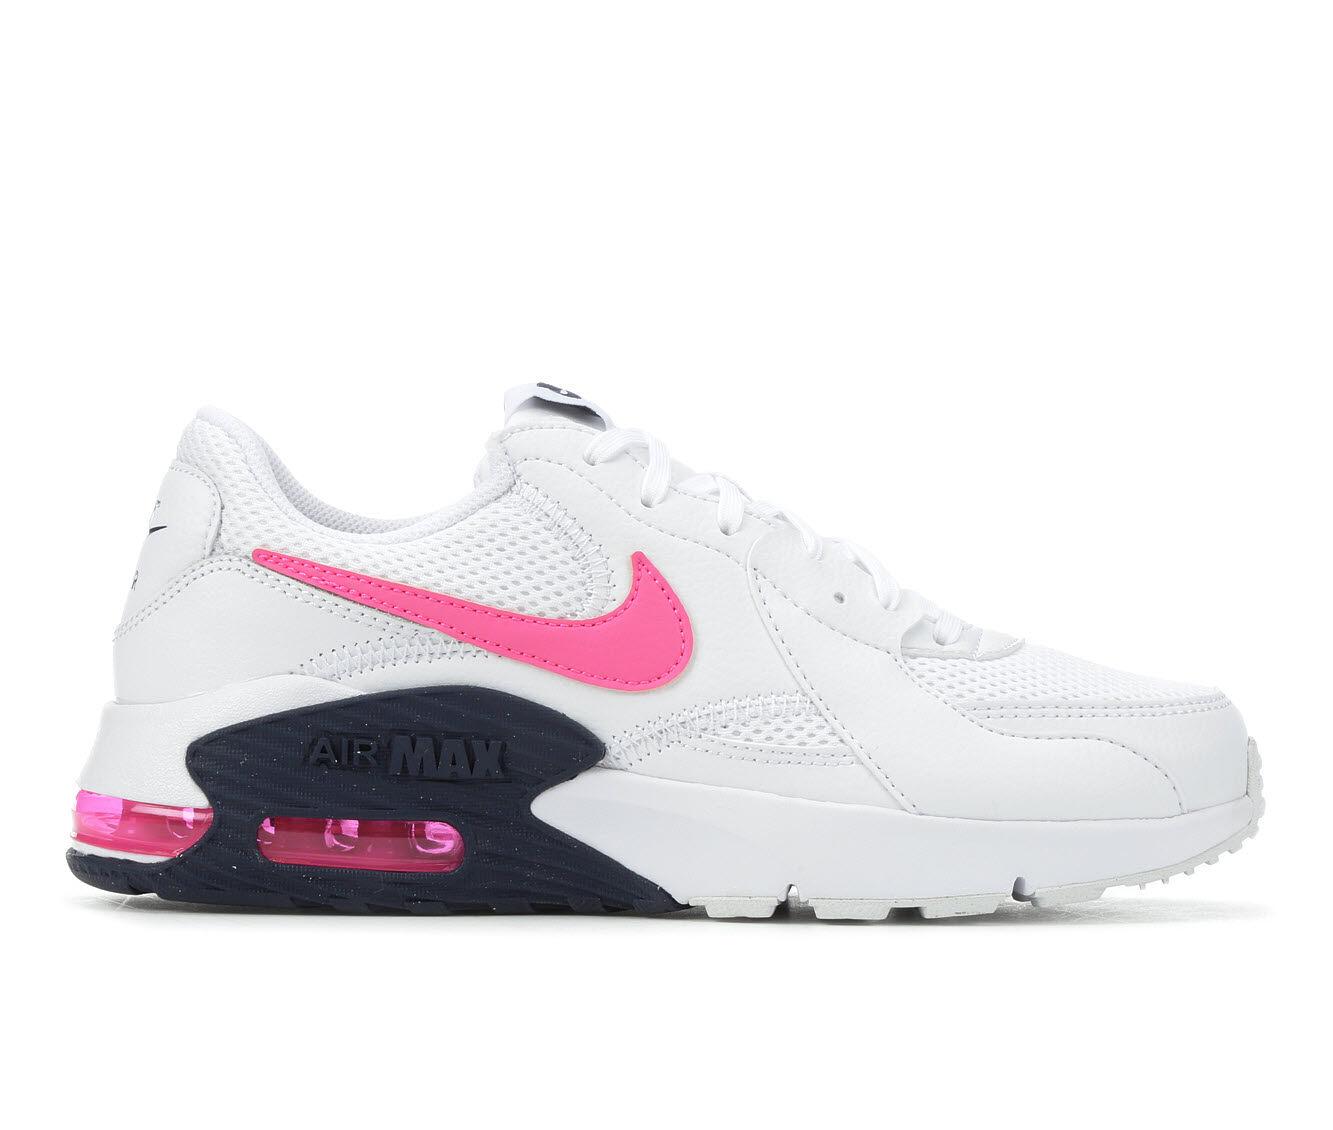 shoe carnival nike air max